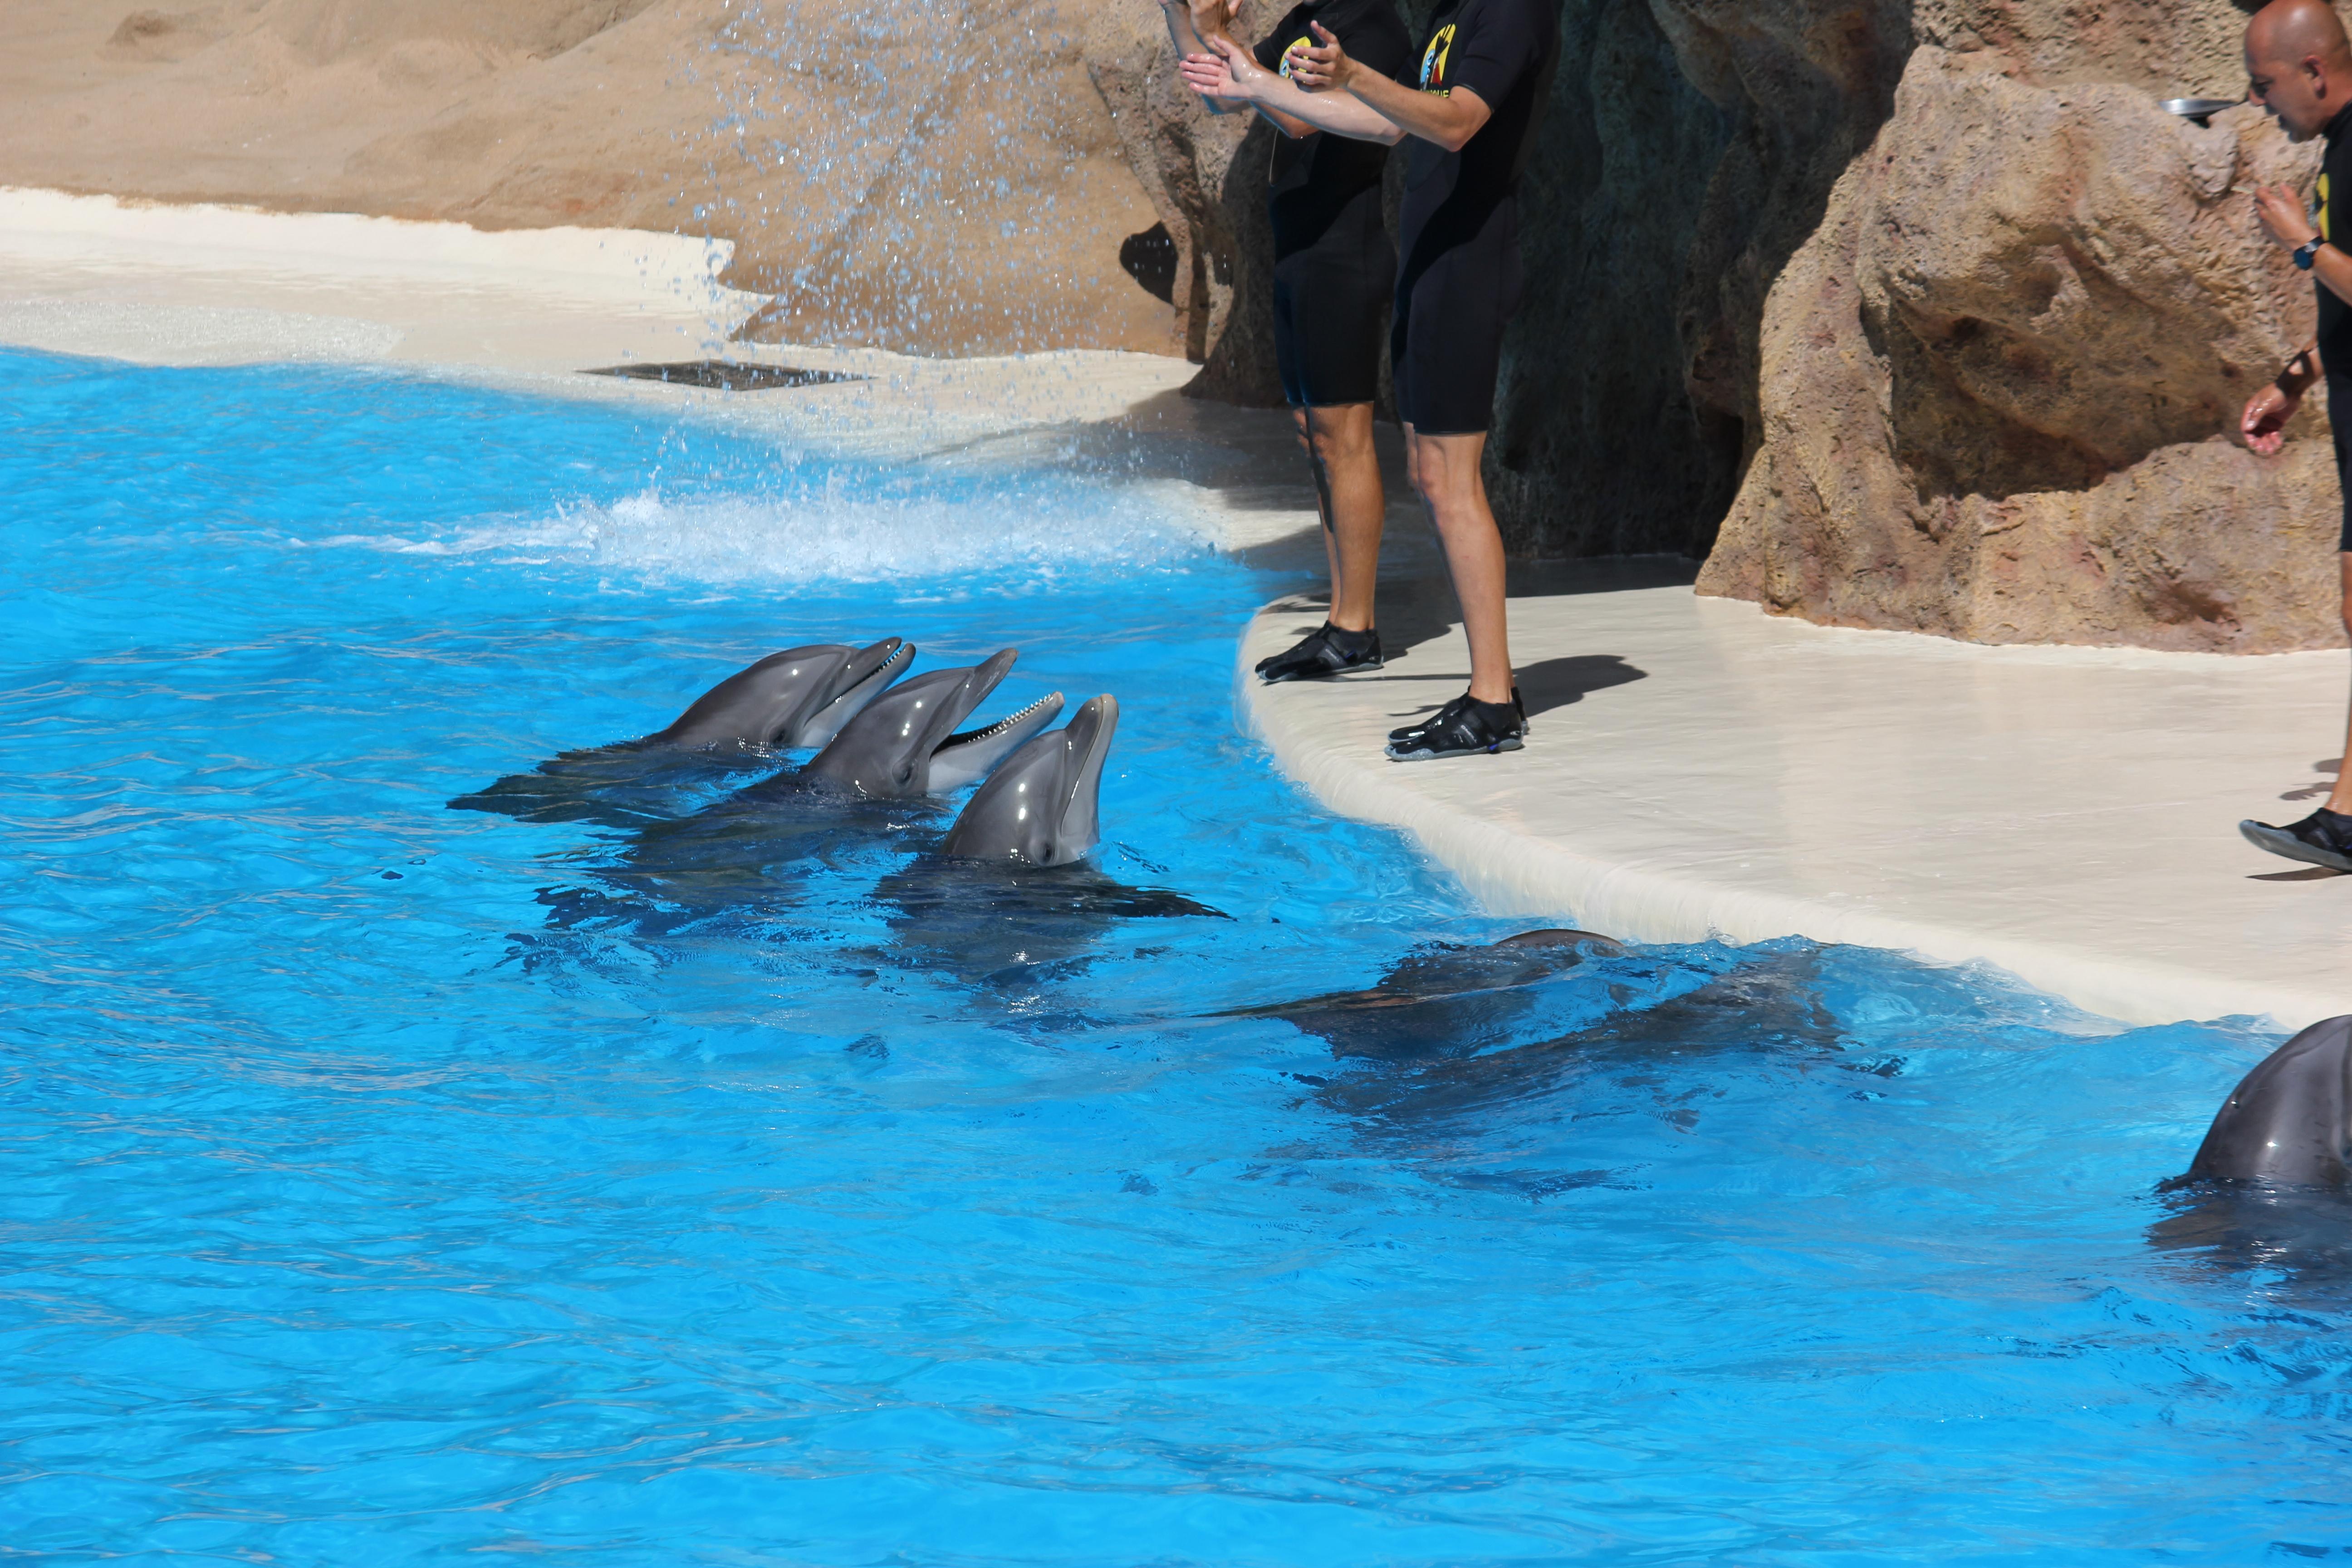 Фото вагина дельфина, Половые органы дельфинов: описание 17 фотография